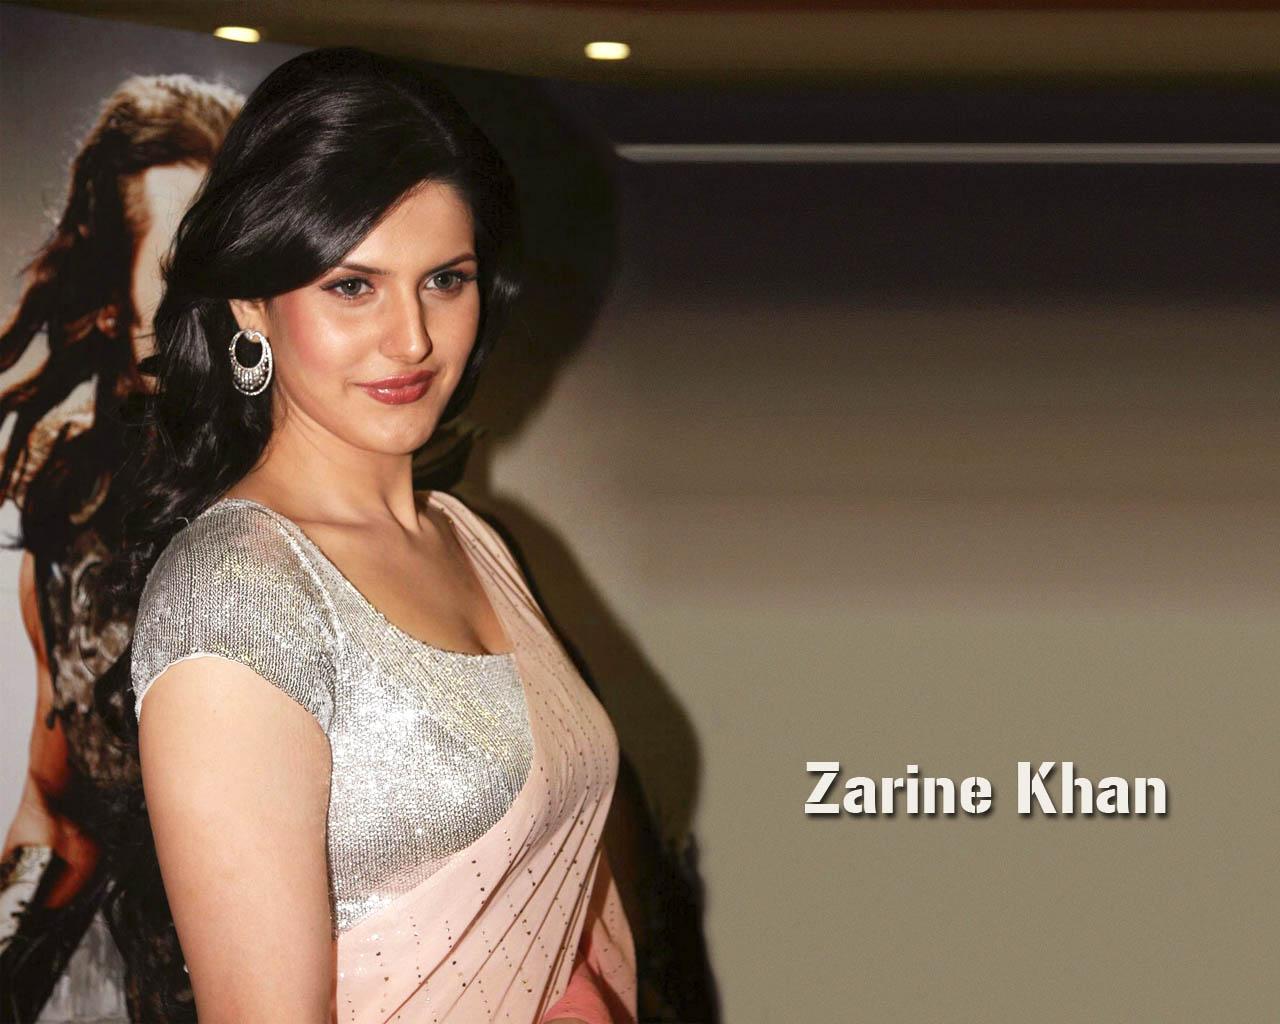 http://2.bp.blogspot.com/_P3pzc8HiI2k/TTf7CNfC-YI/AAAAAAAACRc/c_6Ewpz7XCA/s1600/Zarine+Khan-3.jpg